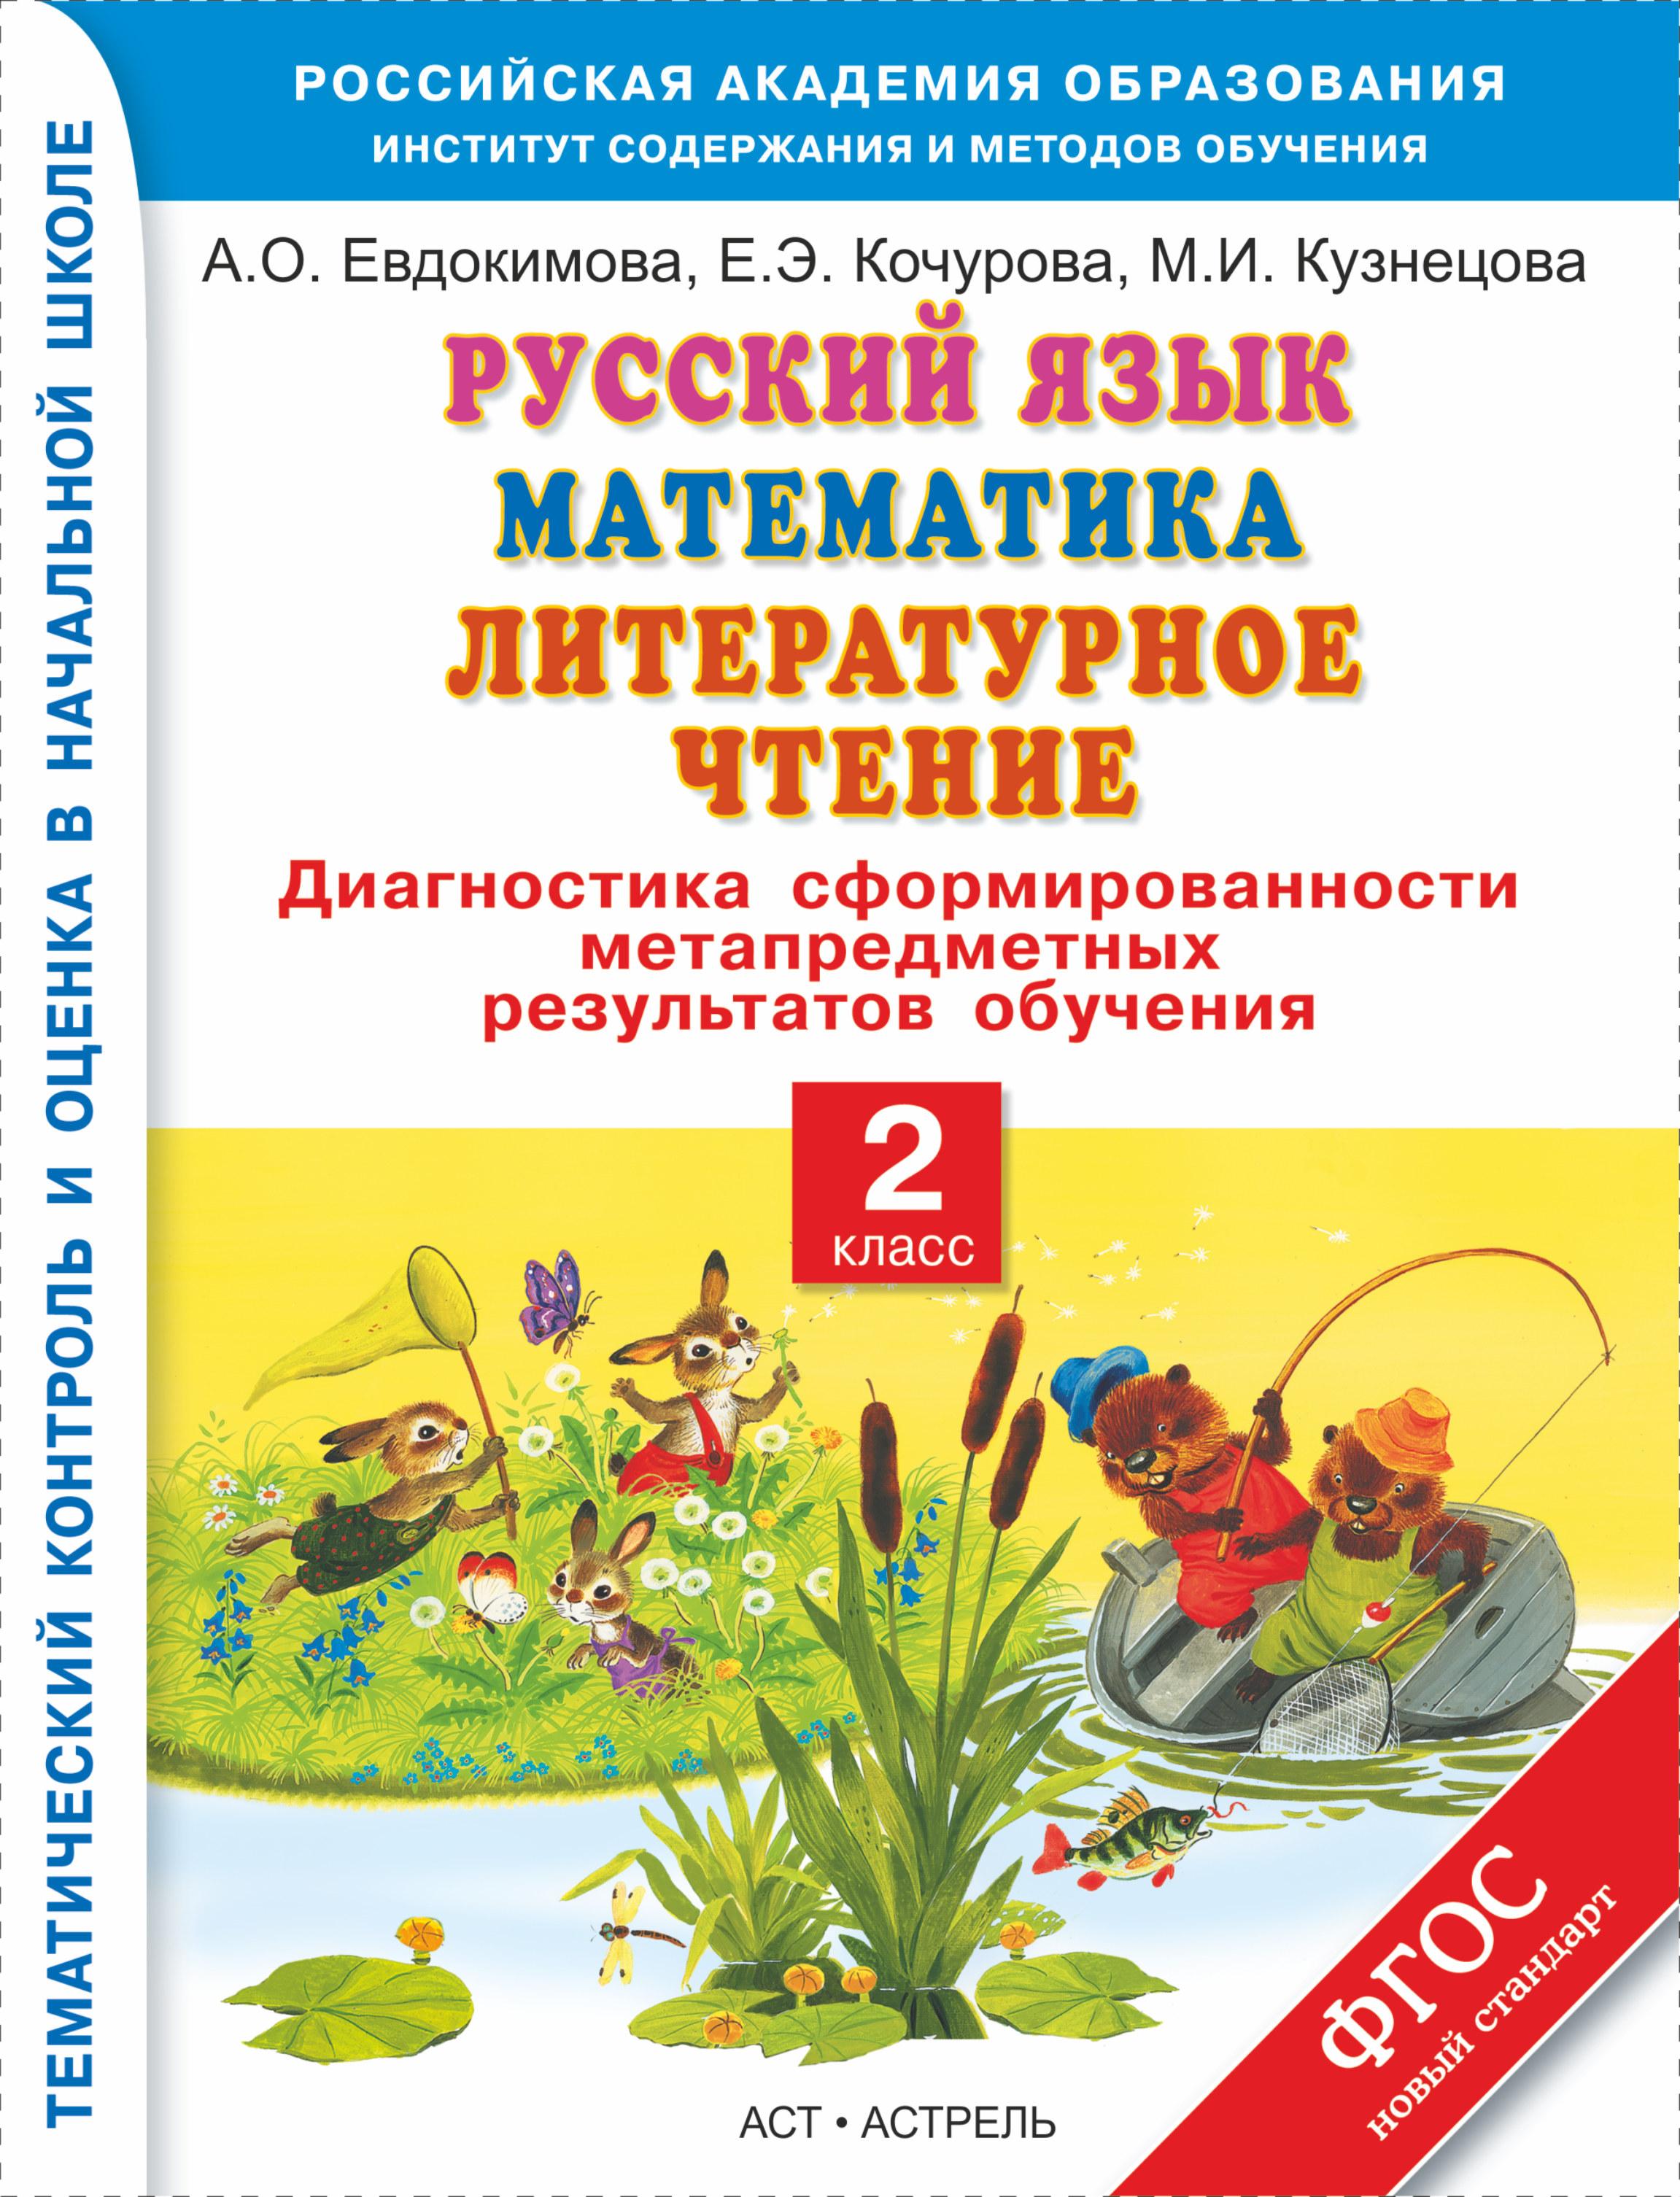 Русский язык. Математика. Литературное чтение. 2 класс. Диагностика сформированности метапредметных результатов обучения